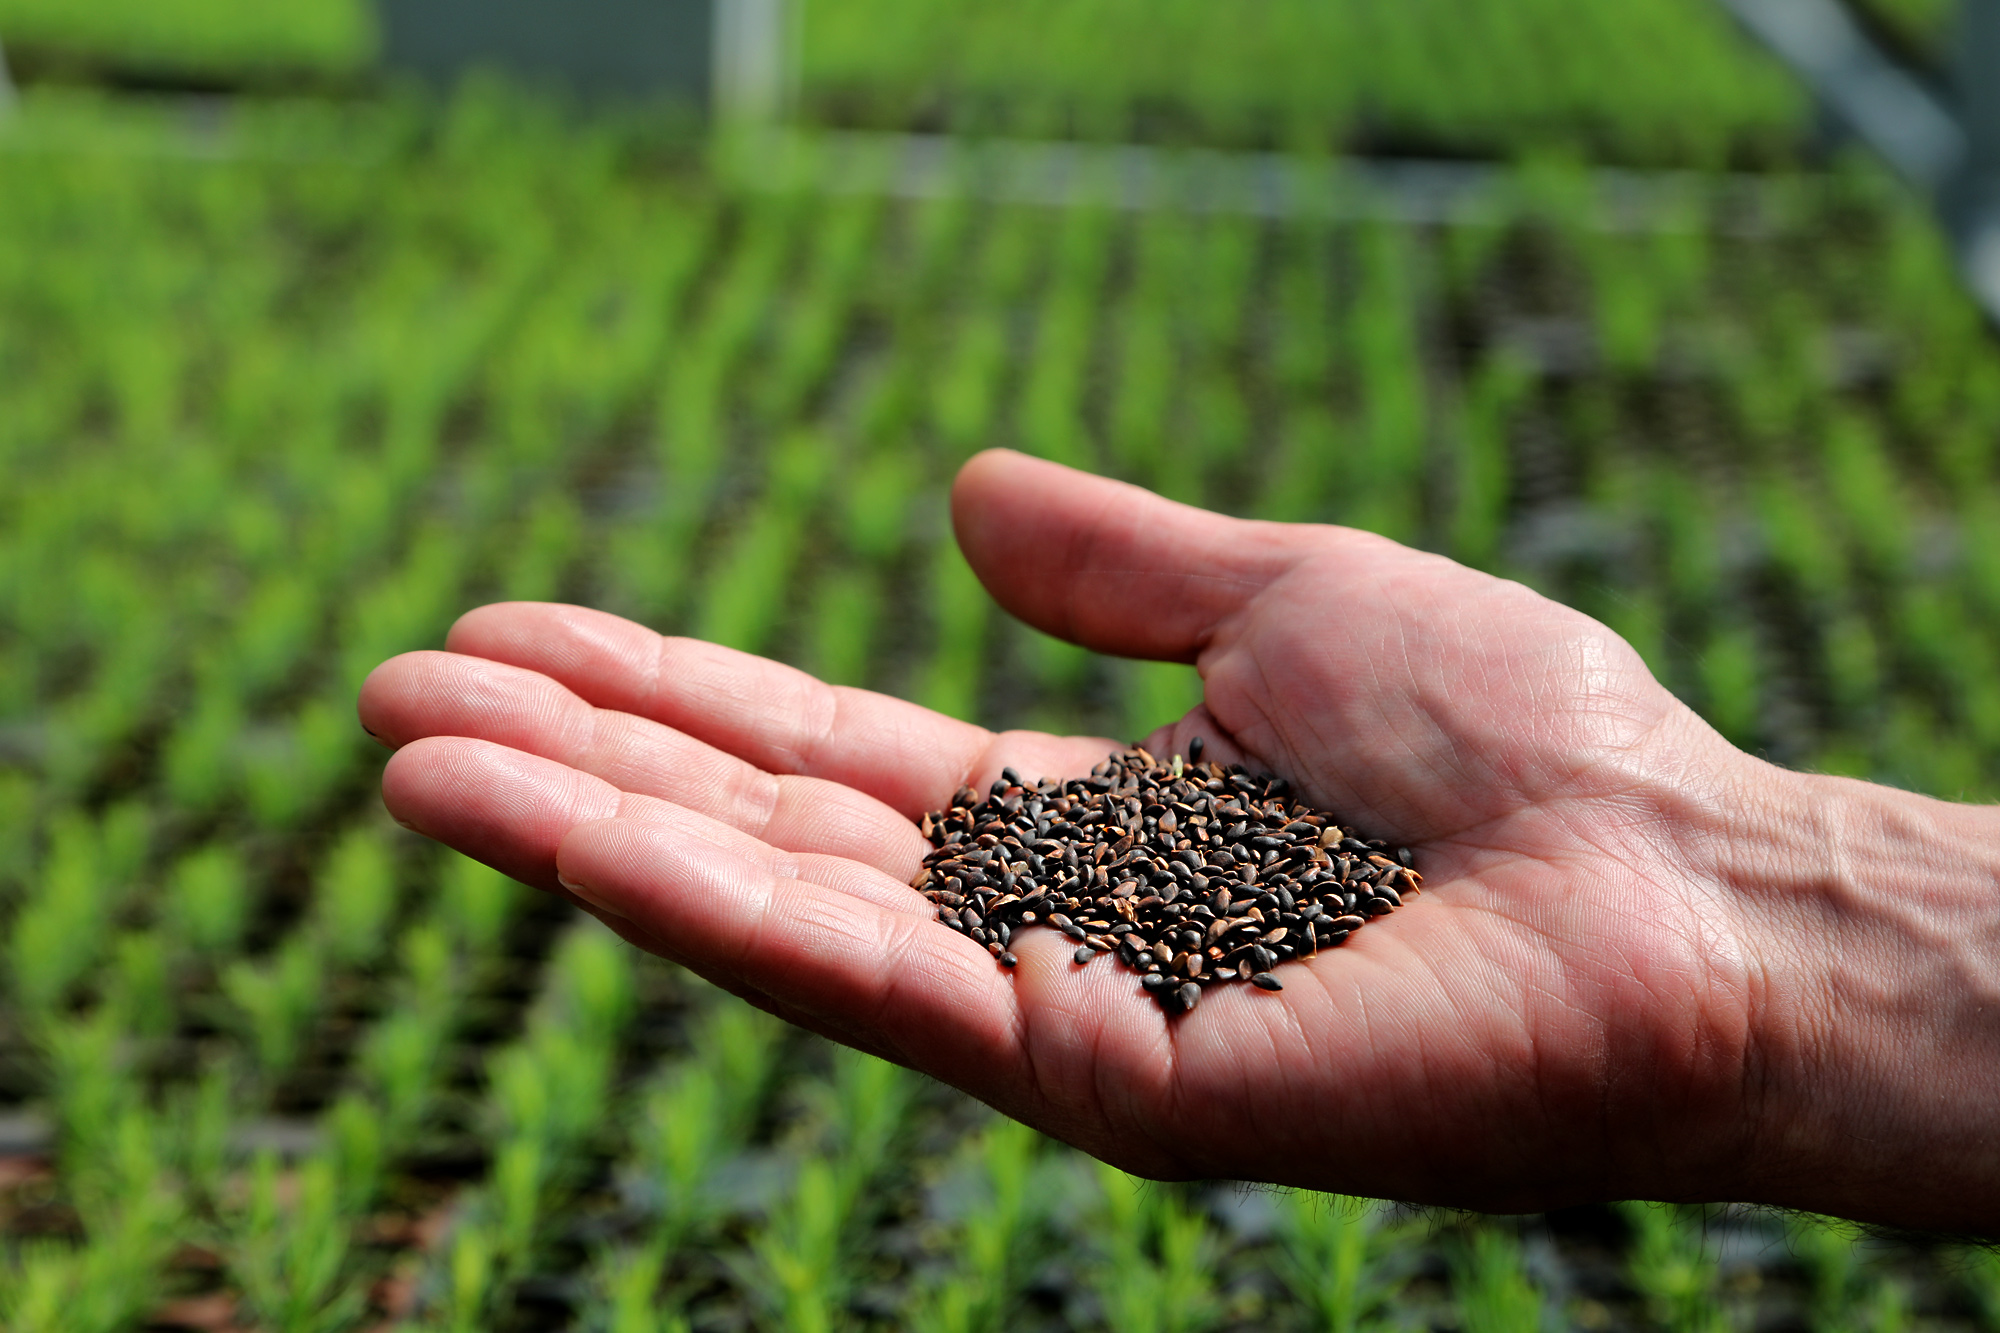 Das Saatgut ist eine wichtige Grundlage für die Produktion von hochwertigen Forst-Containerpflanzen.